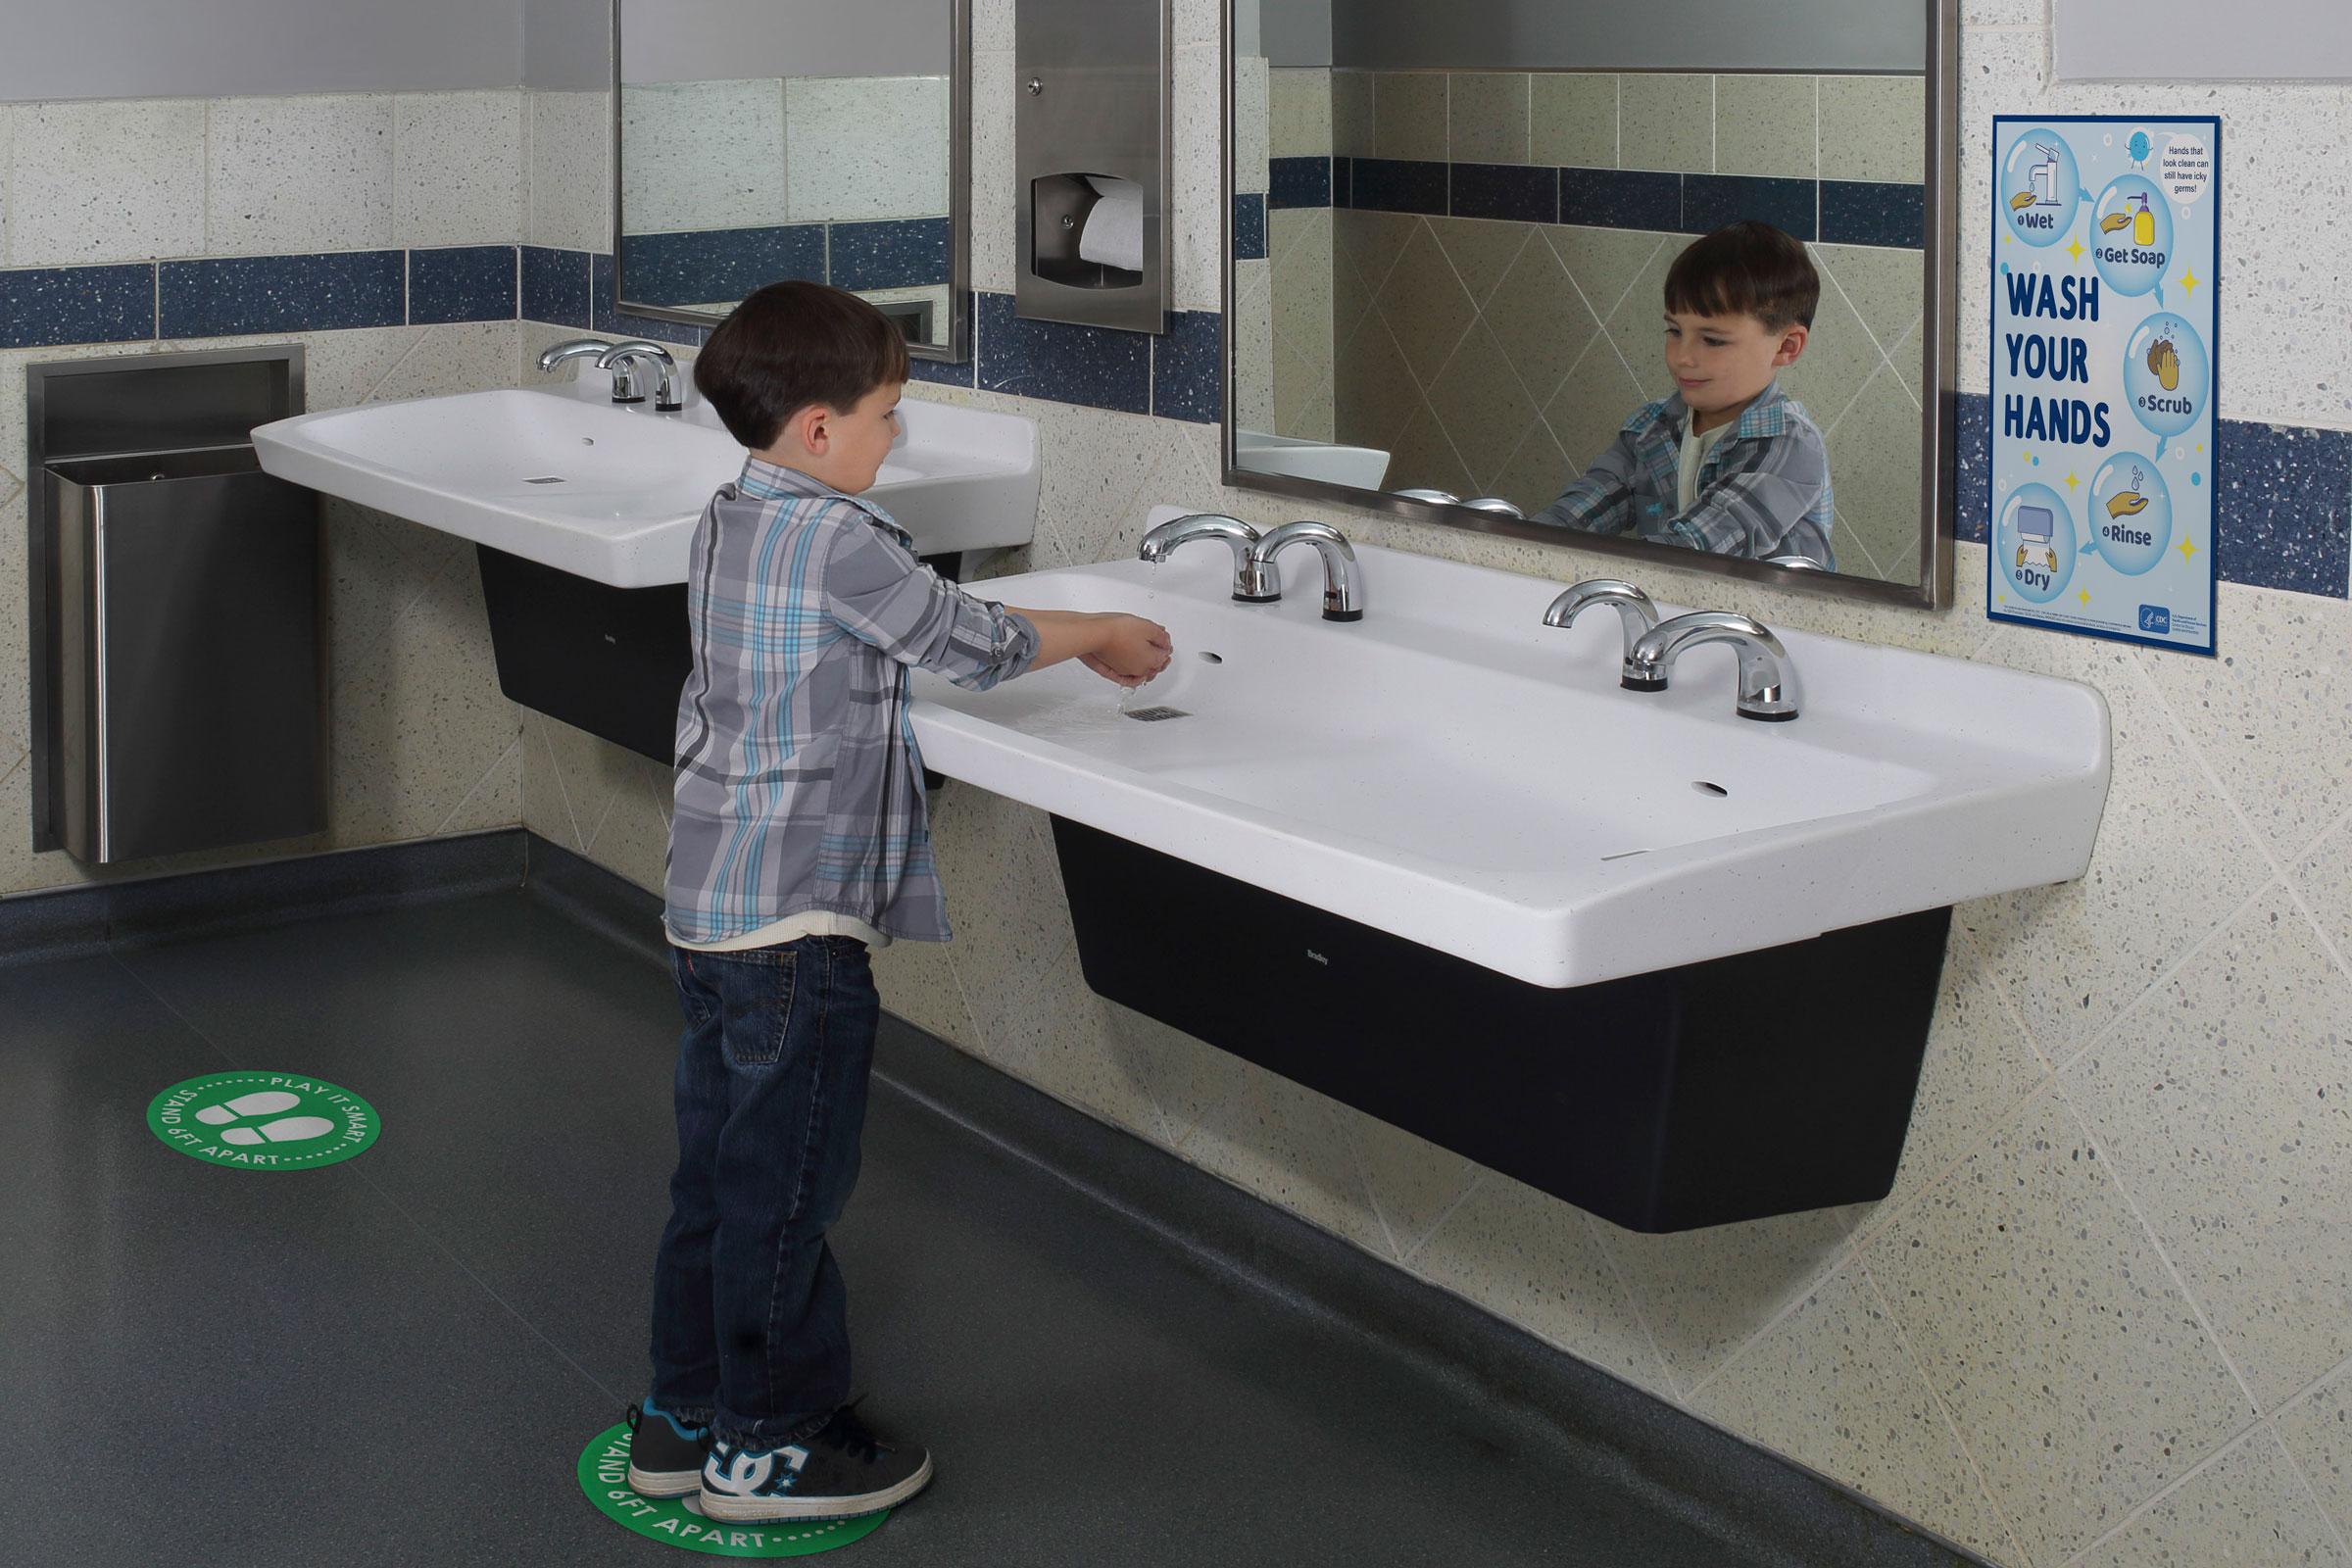 bradley is making hands free bathroom